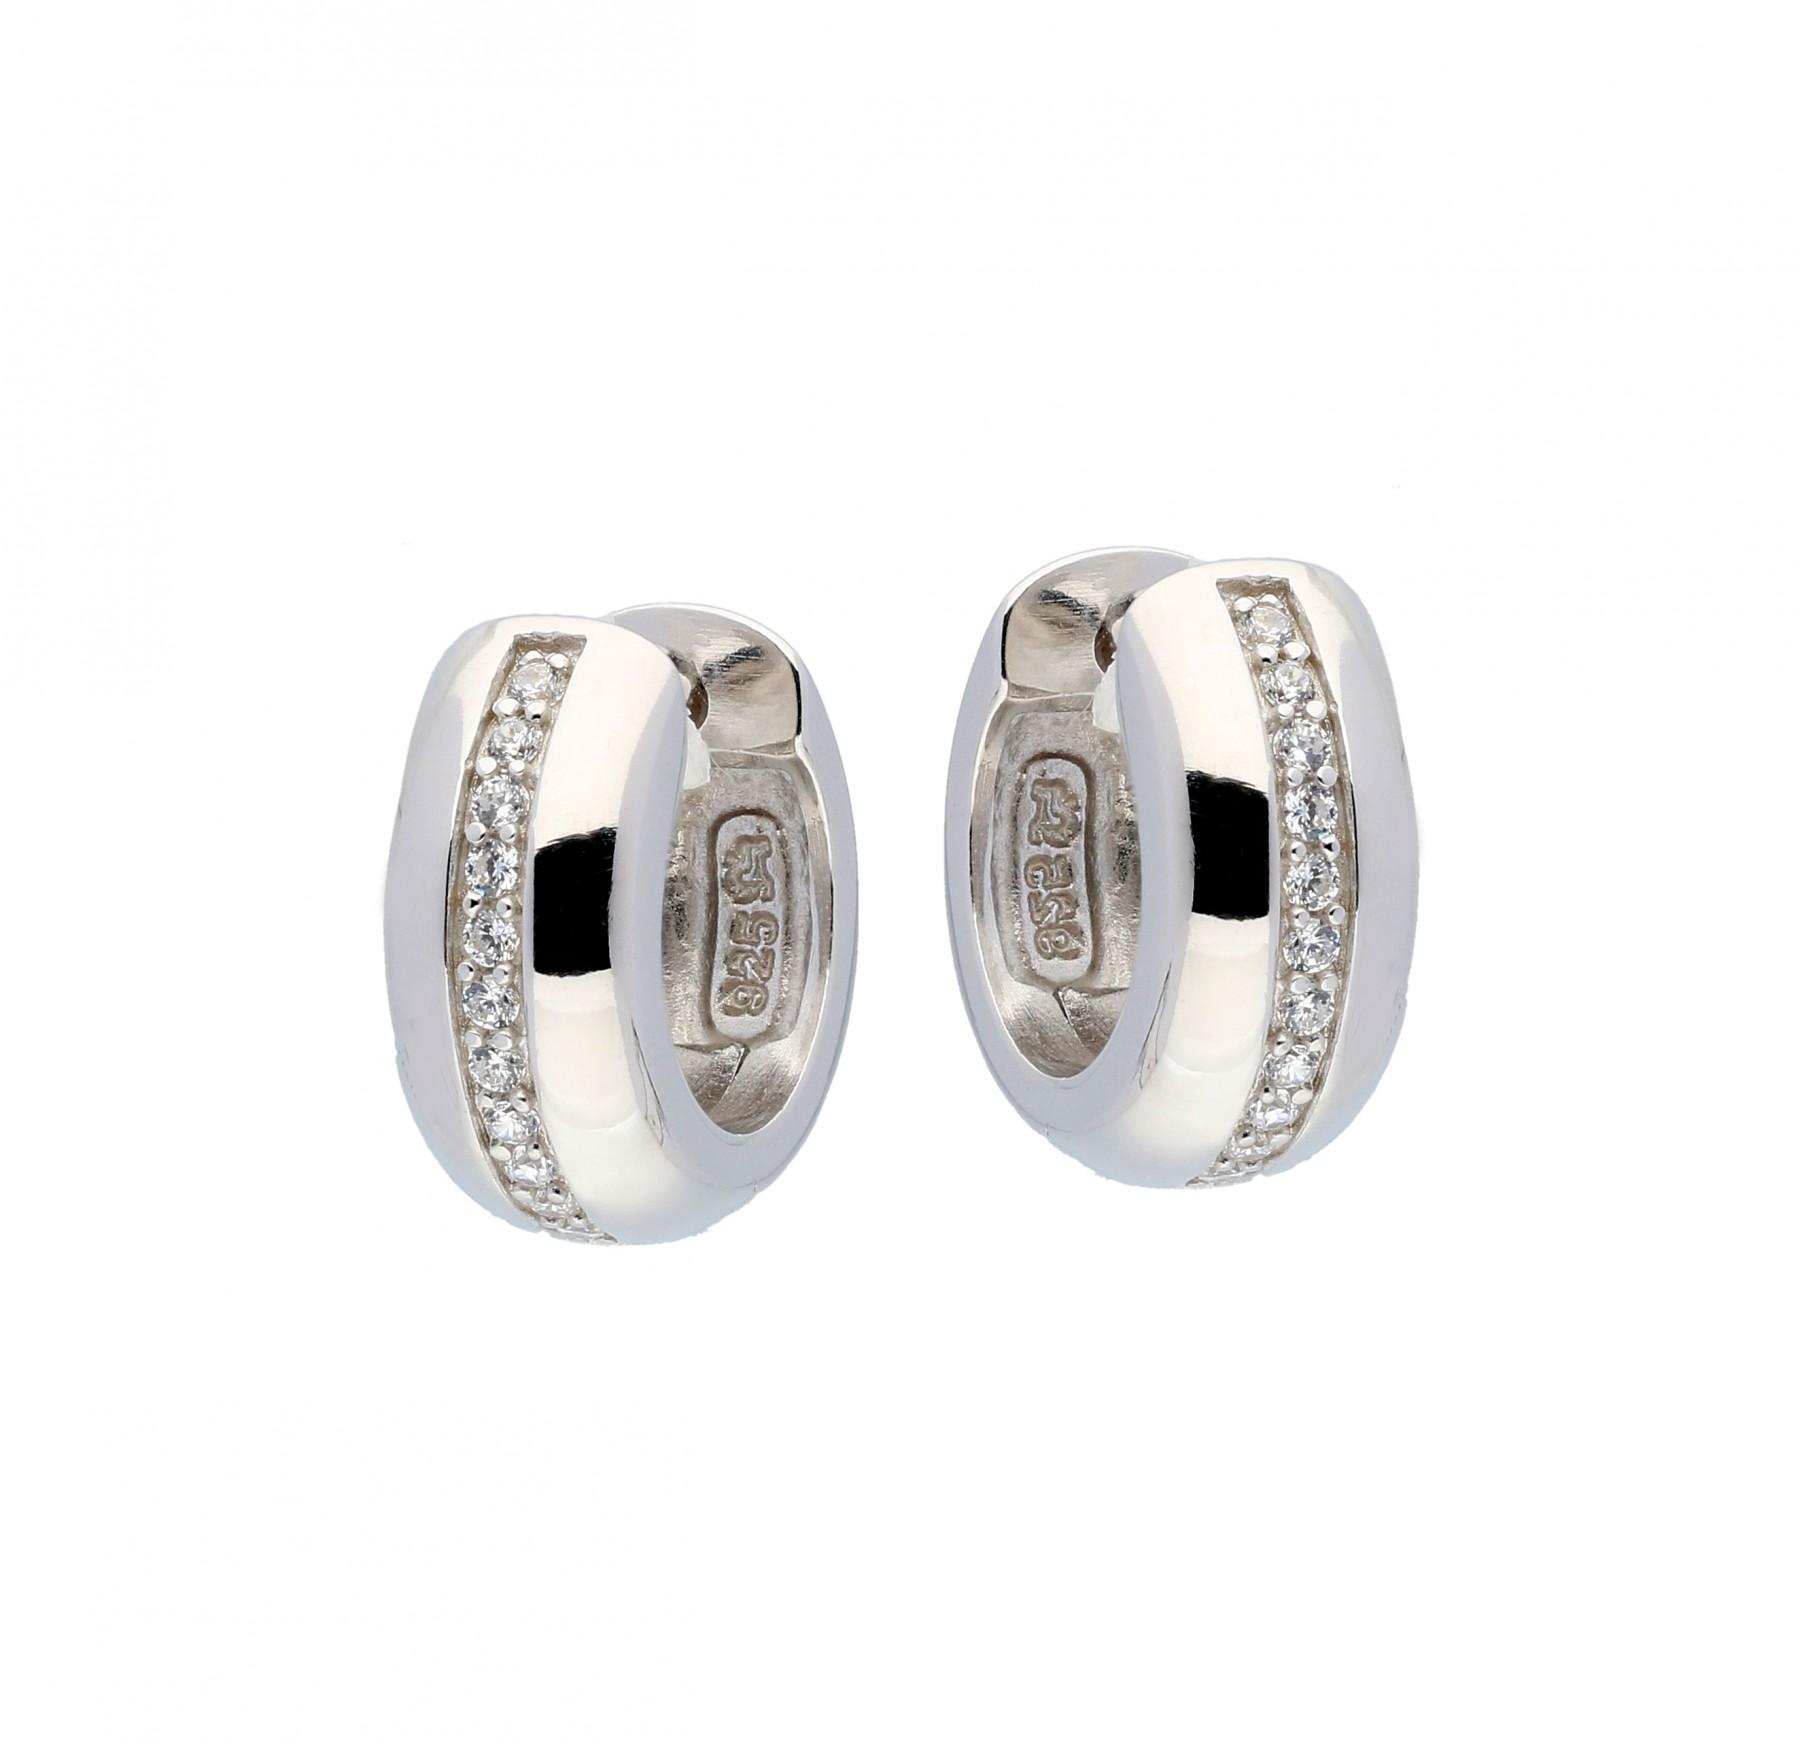 Zilveren klapcreolen - zirkonia - 4 x 14 mm - ronde buis - gerodineerd 107.0484.07